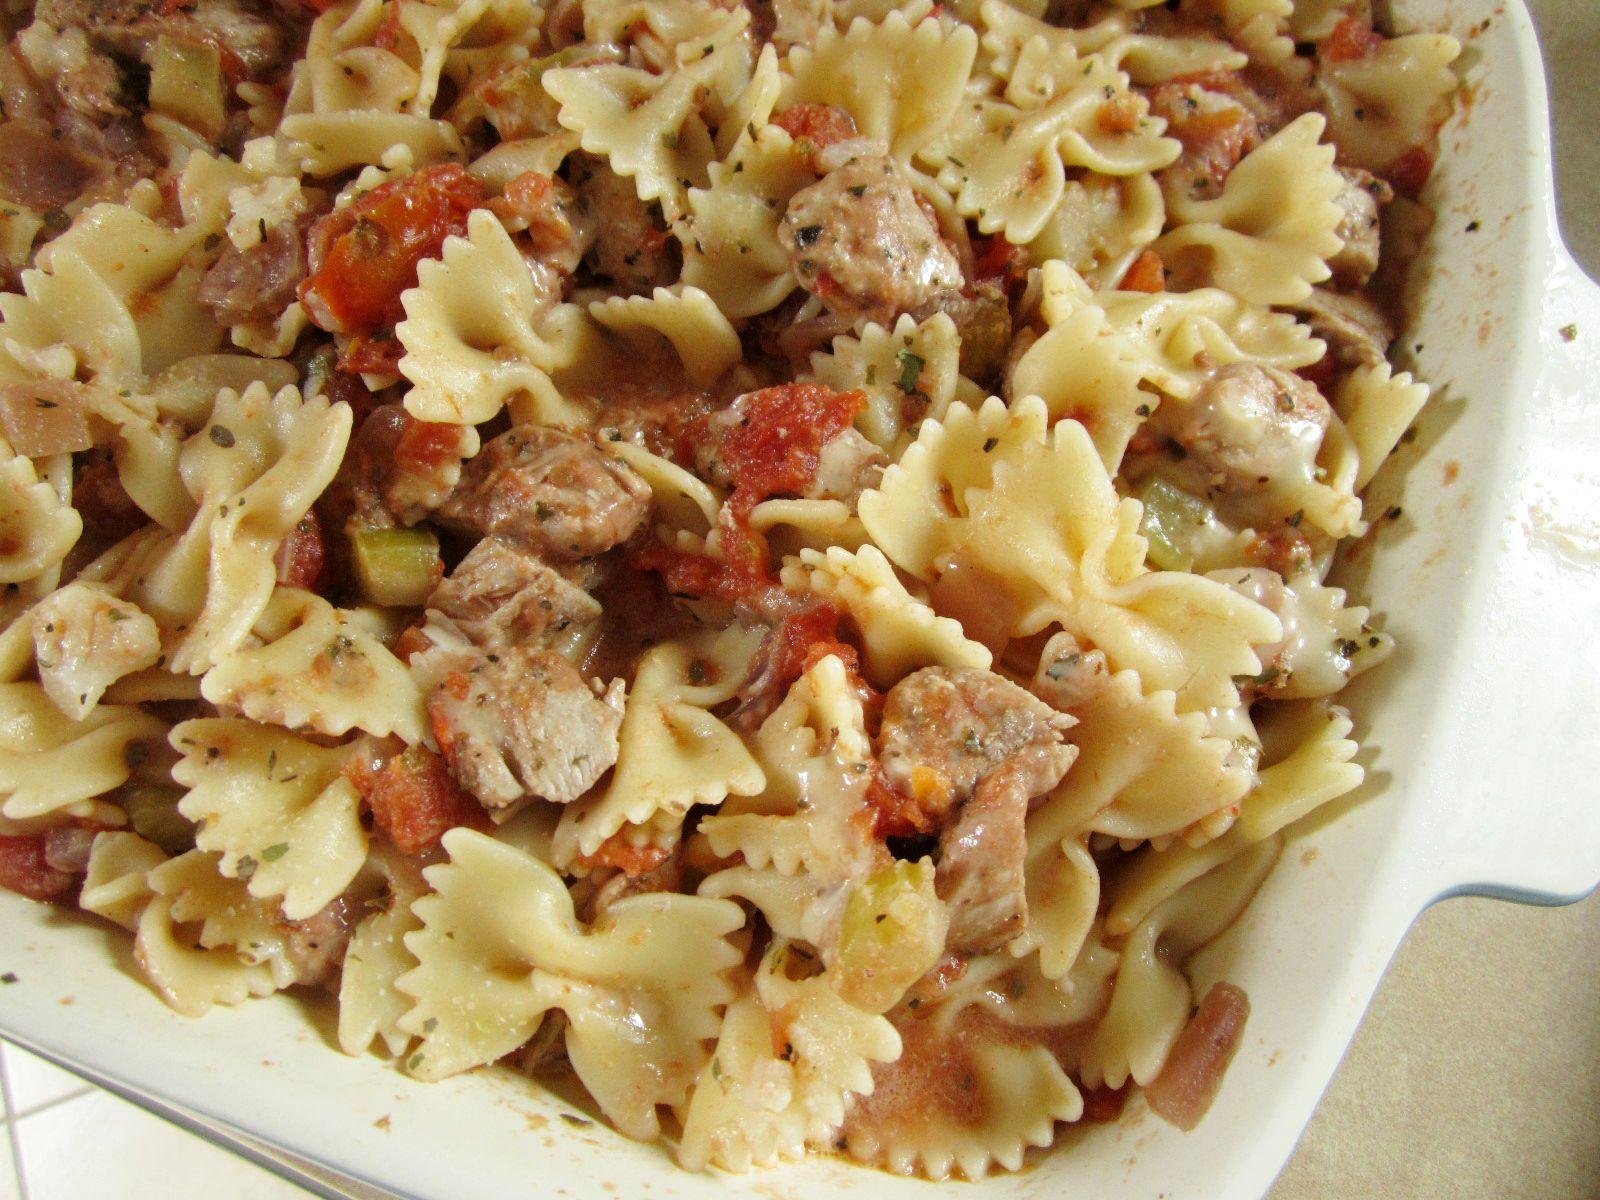 Chicken pasta bake casserole 2